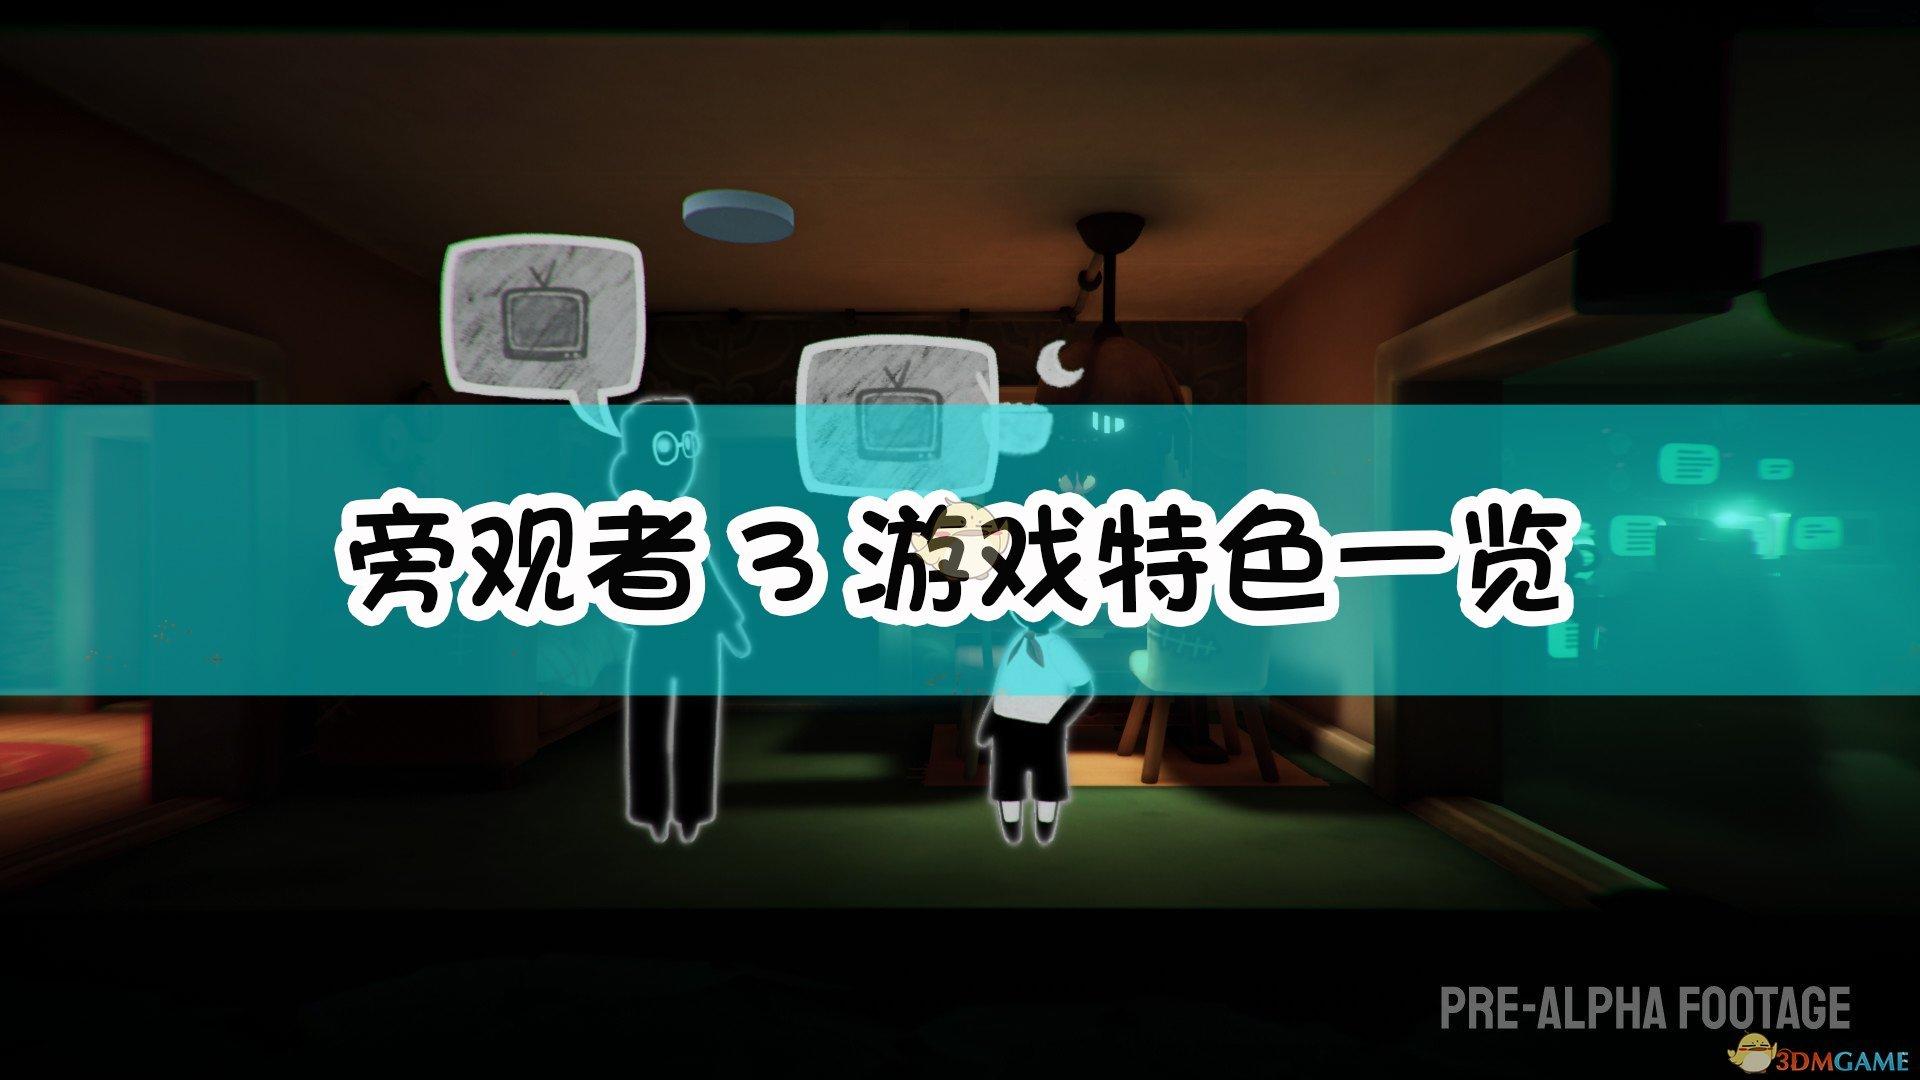 《旁觀者3》遊戲特色一覽